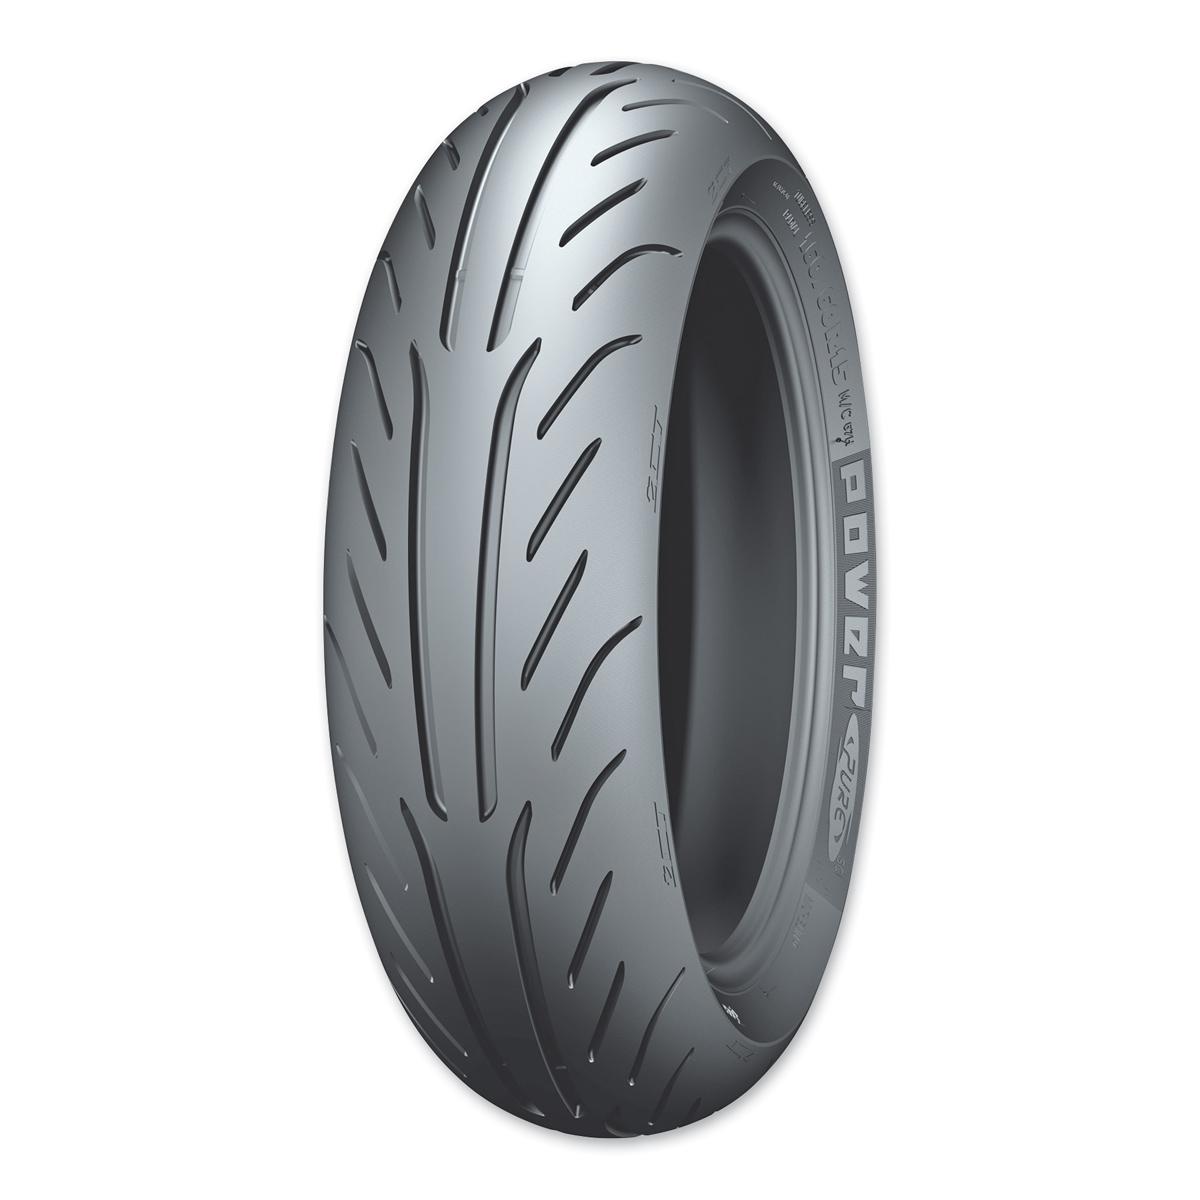 Michelin Power Pure SC 140/60-13 Rear Tire